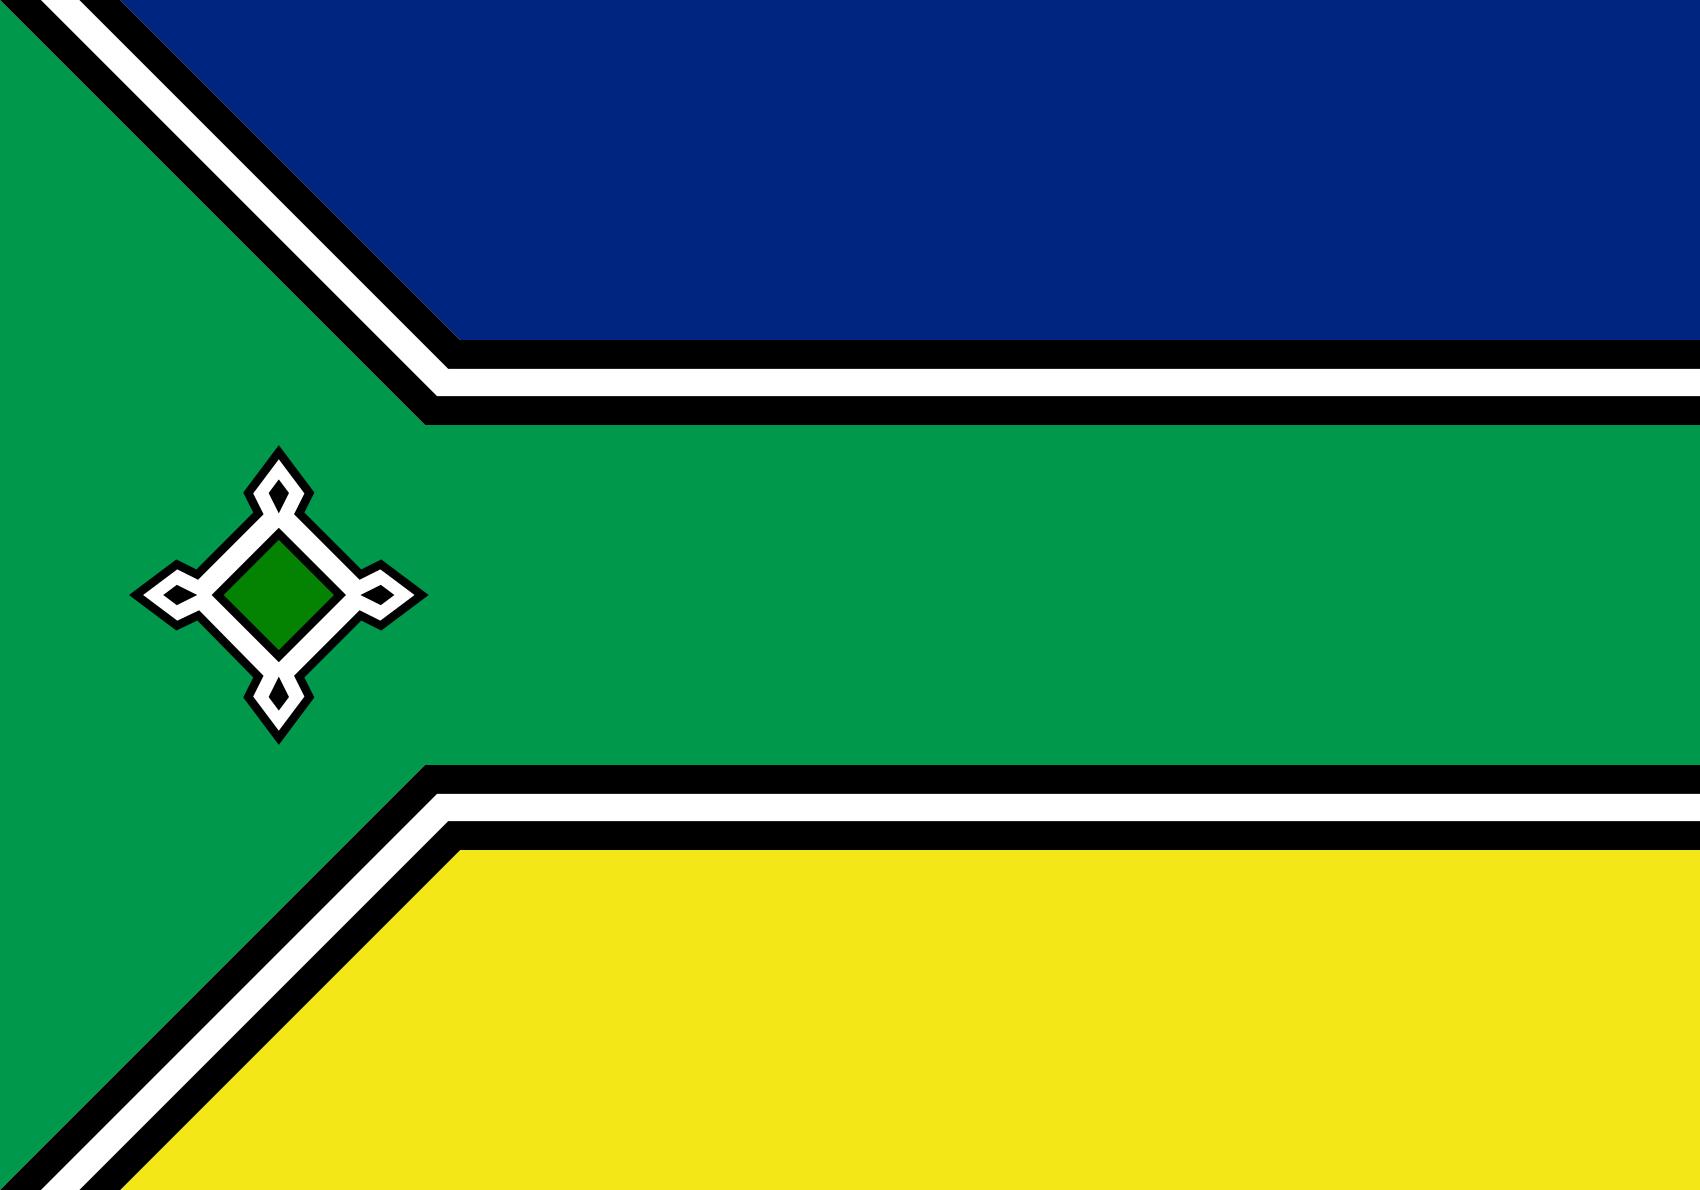 bandeira-do-amapa-estado-2